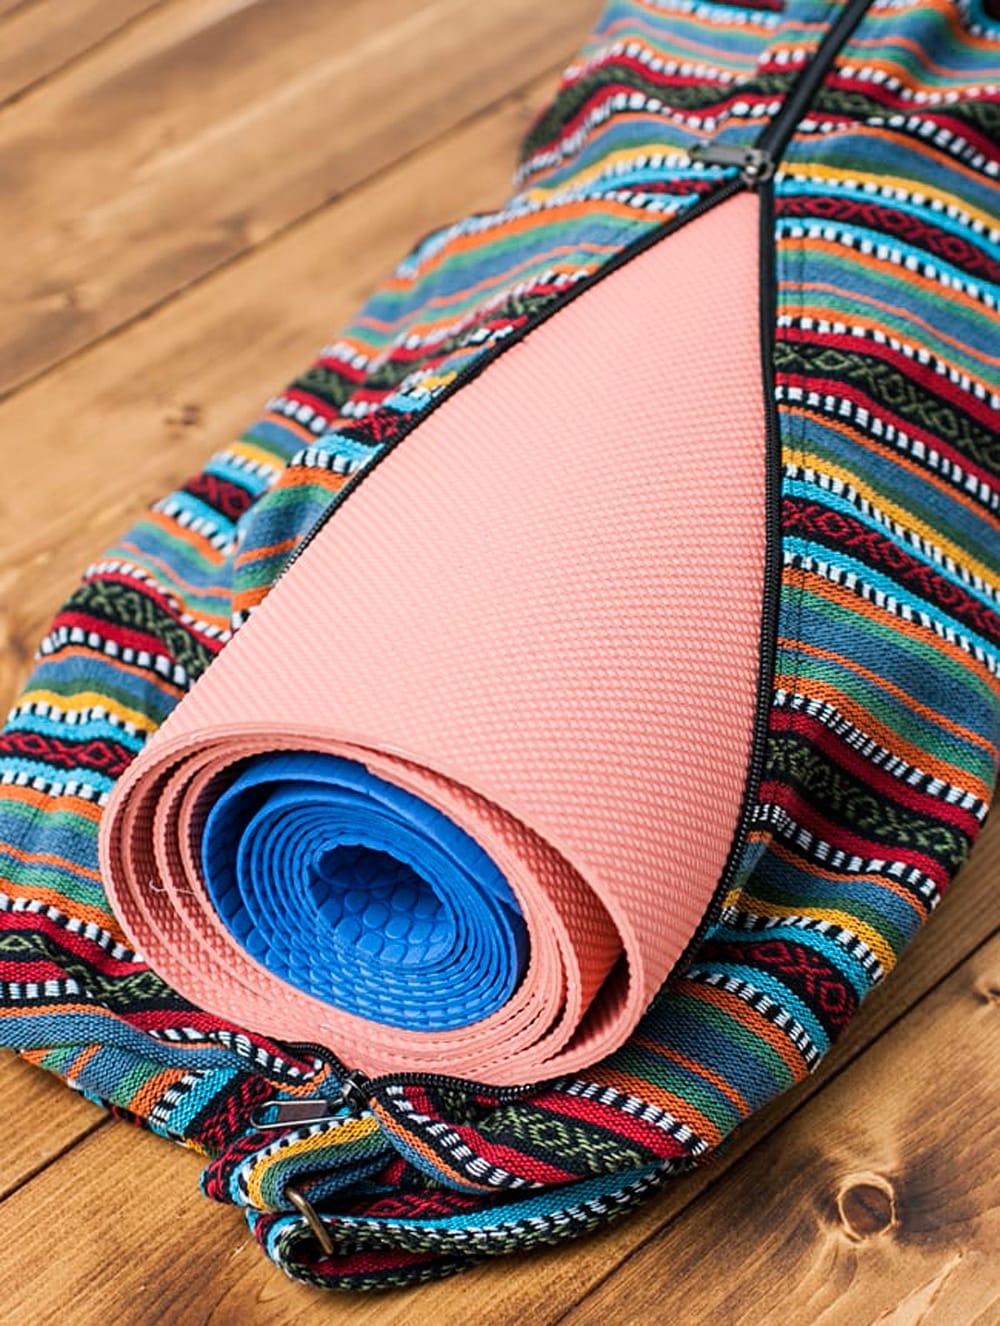 【大サイズ】ネパール織り布のヨガマットバッグ 11 - 一般的な厚みとサイズのヨガマットなら2枚入れることができます。